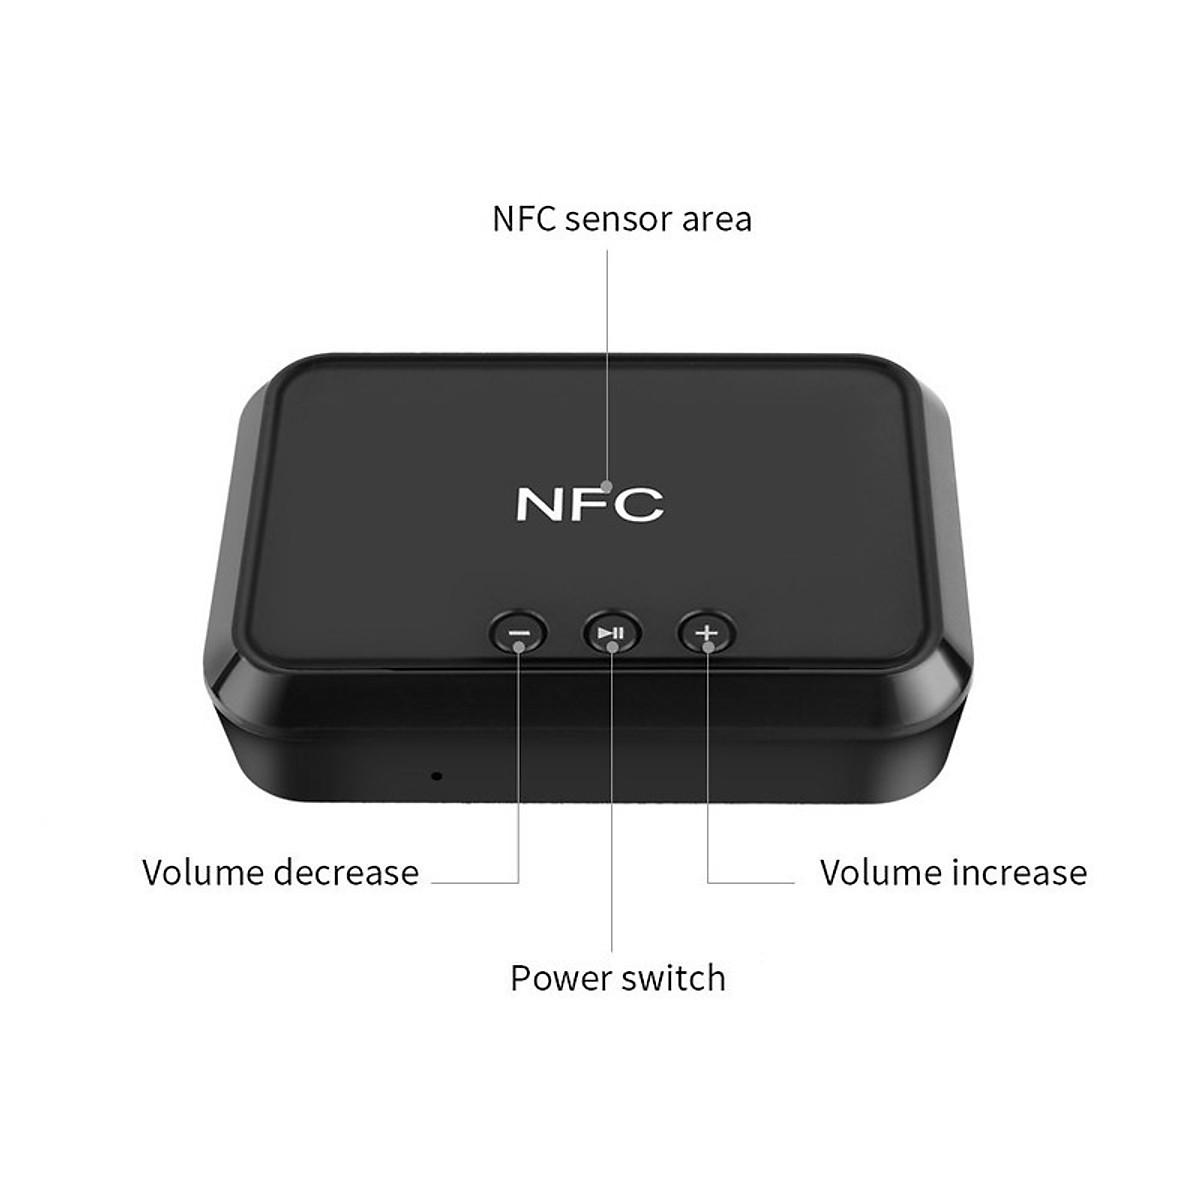 Thiết Bị Nhận Bluetooth Cho Loa và Amply BLS-B10 NFC - 2